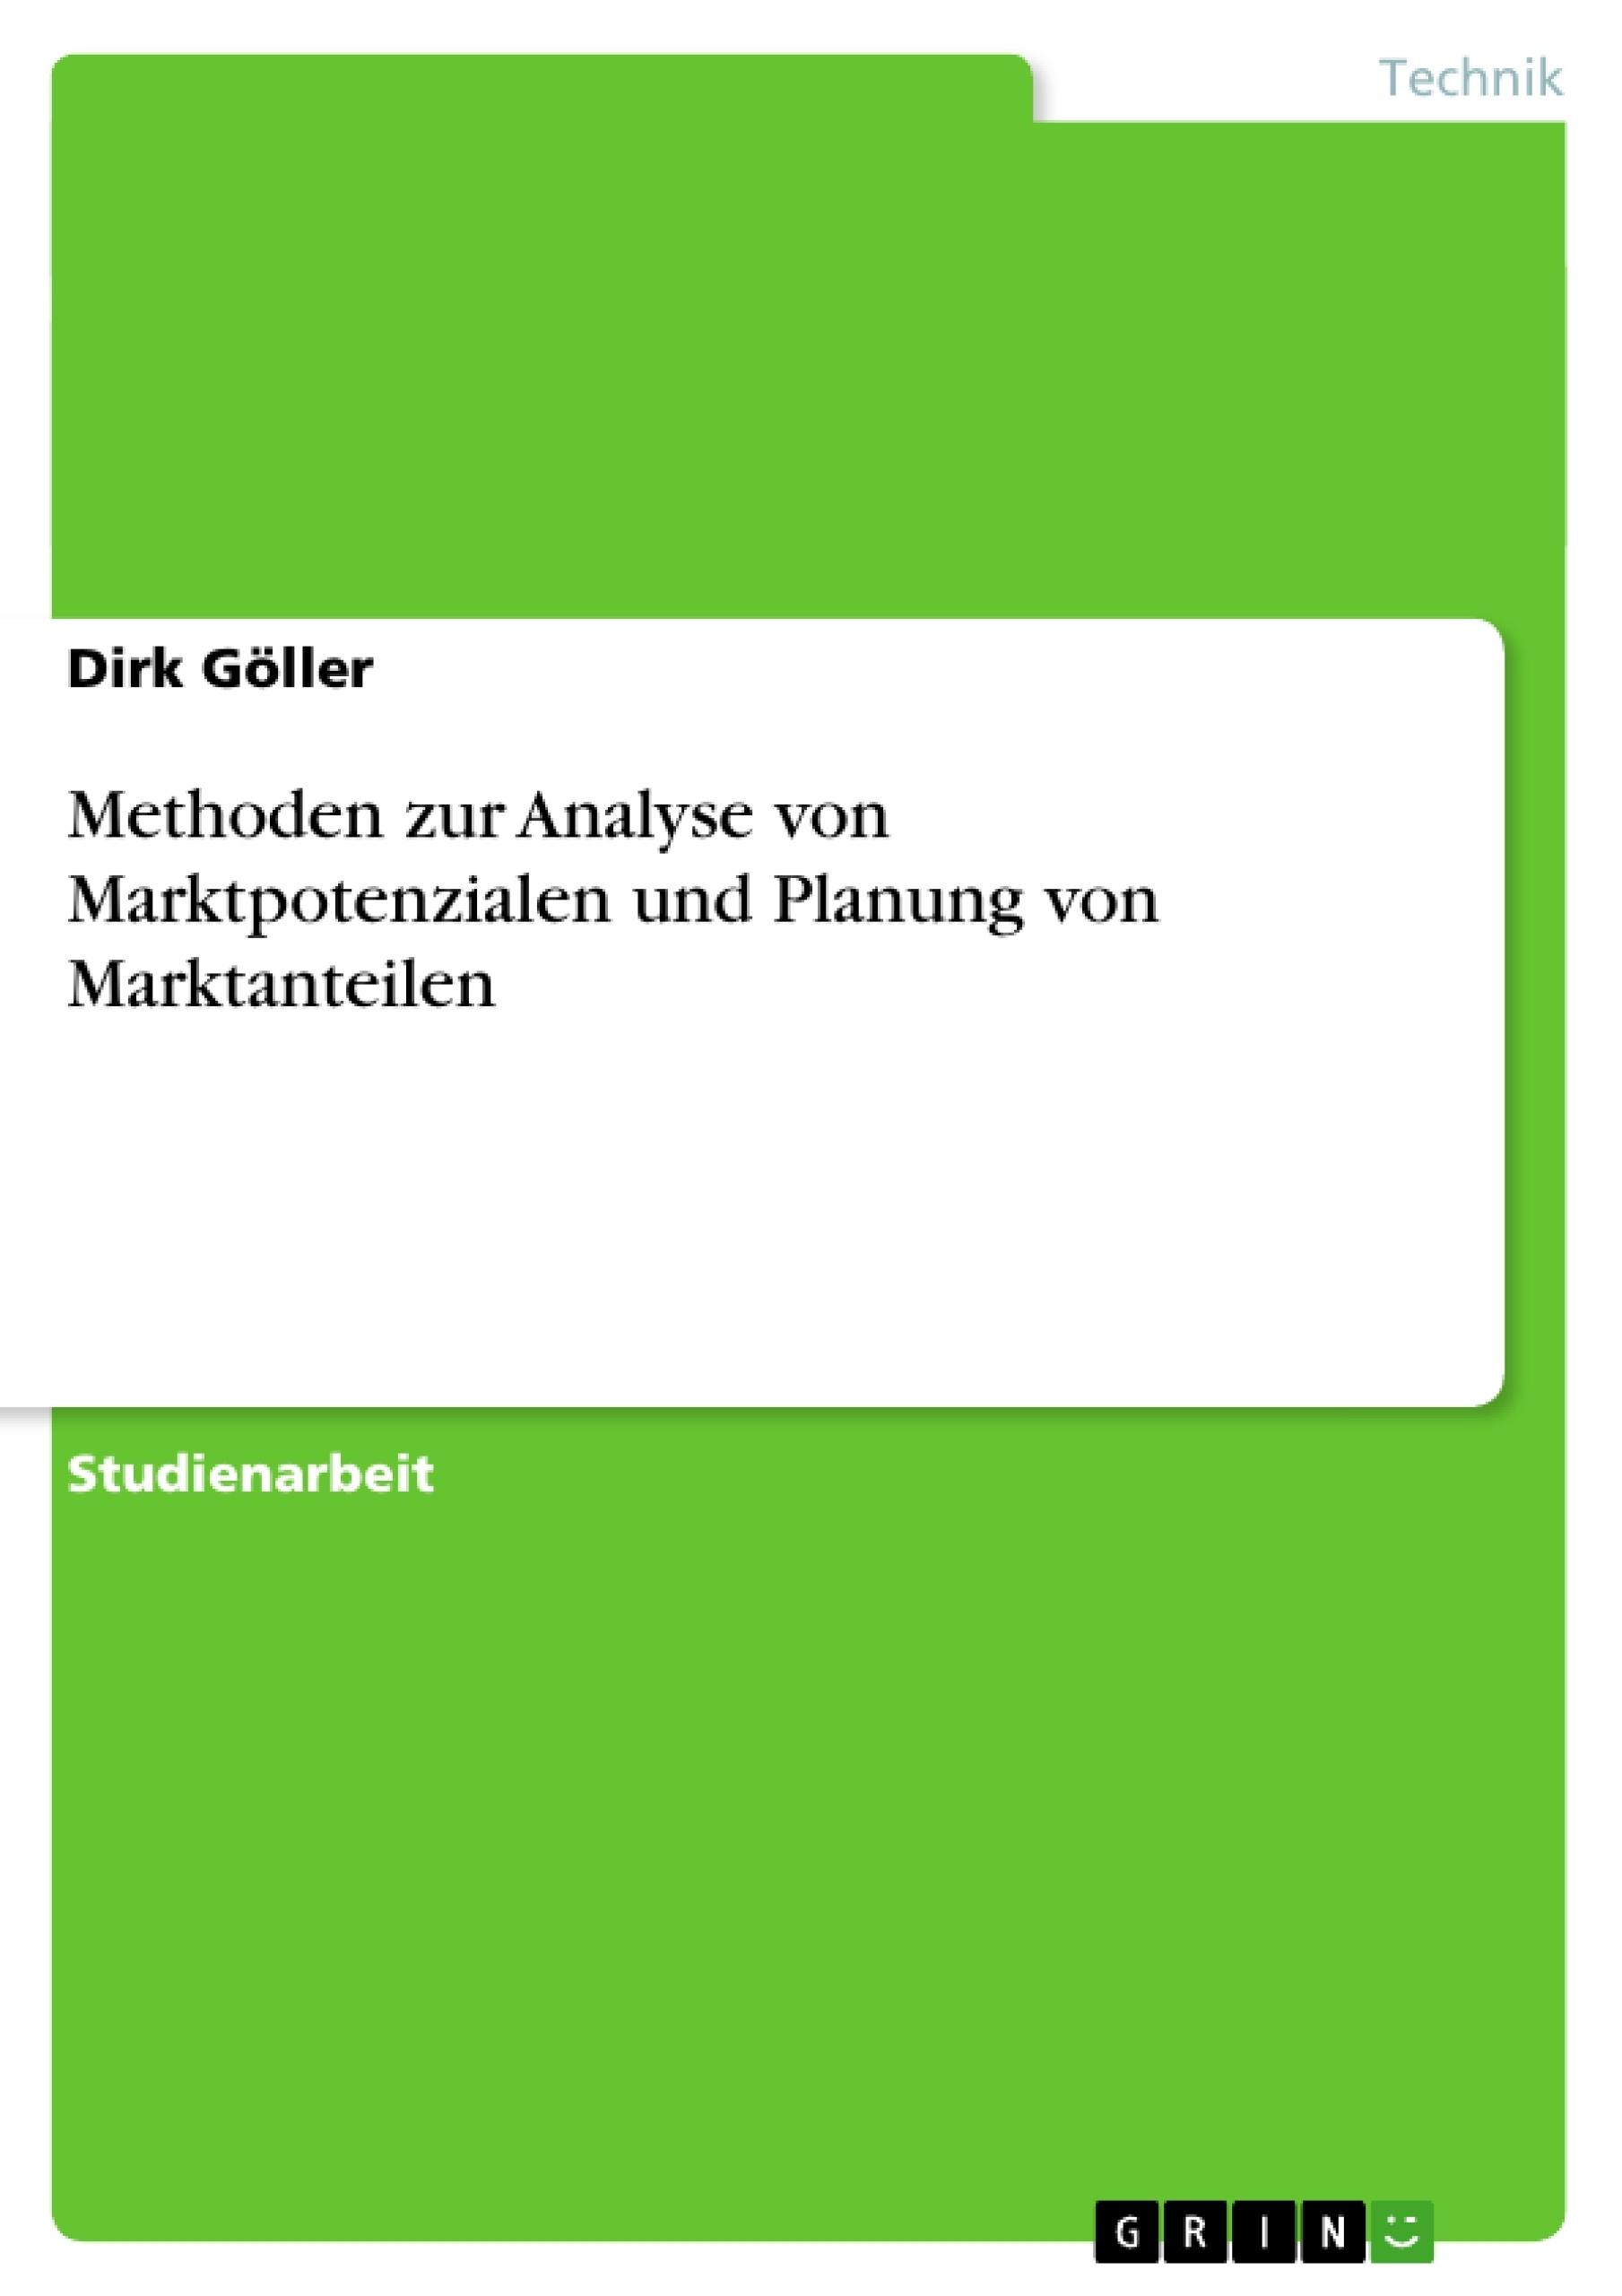 Titel: Methoden zur Analyse von Marktpotenzialen und Planung von Marktanteilen